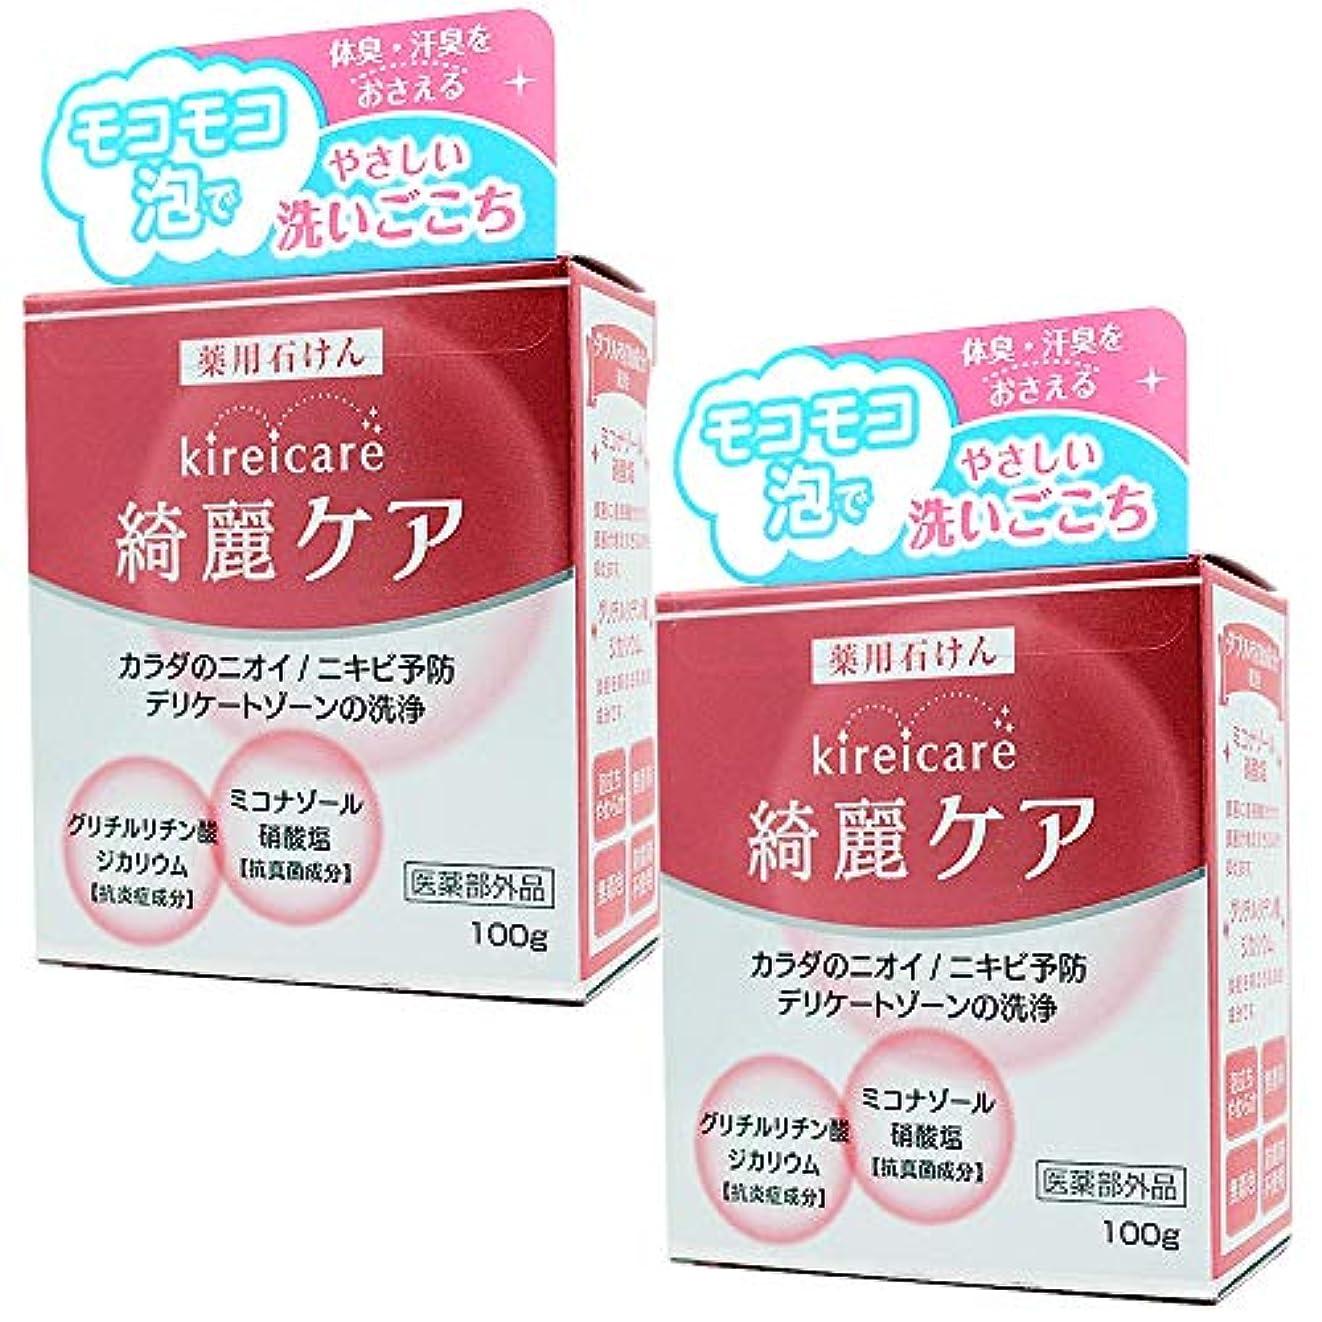 お母さんいくつかの求める白金製薬 ミコナゾール 綺麗ケア 薬用石けん 100g [医薬部外品] 2個セット